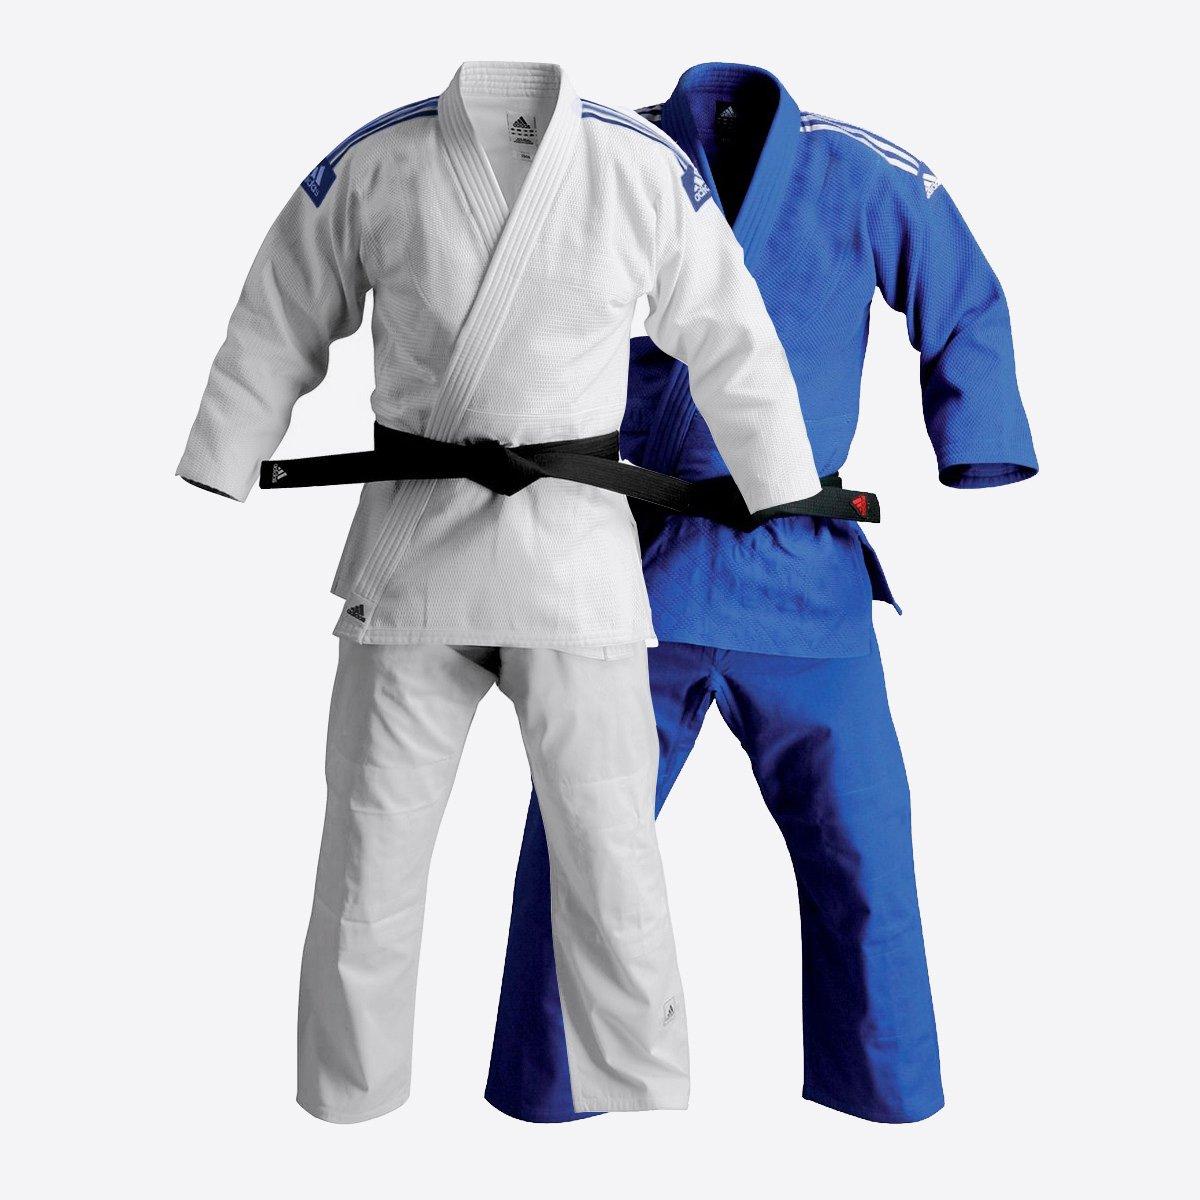 adidas Jiu-Jitsu Training Gi Uniform - 2 Colors! (Blue, 4/180cm) by adidas